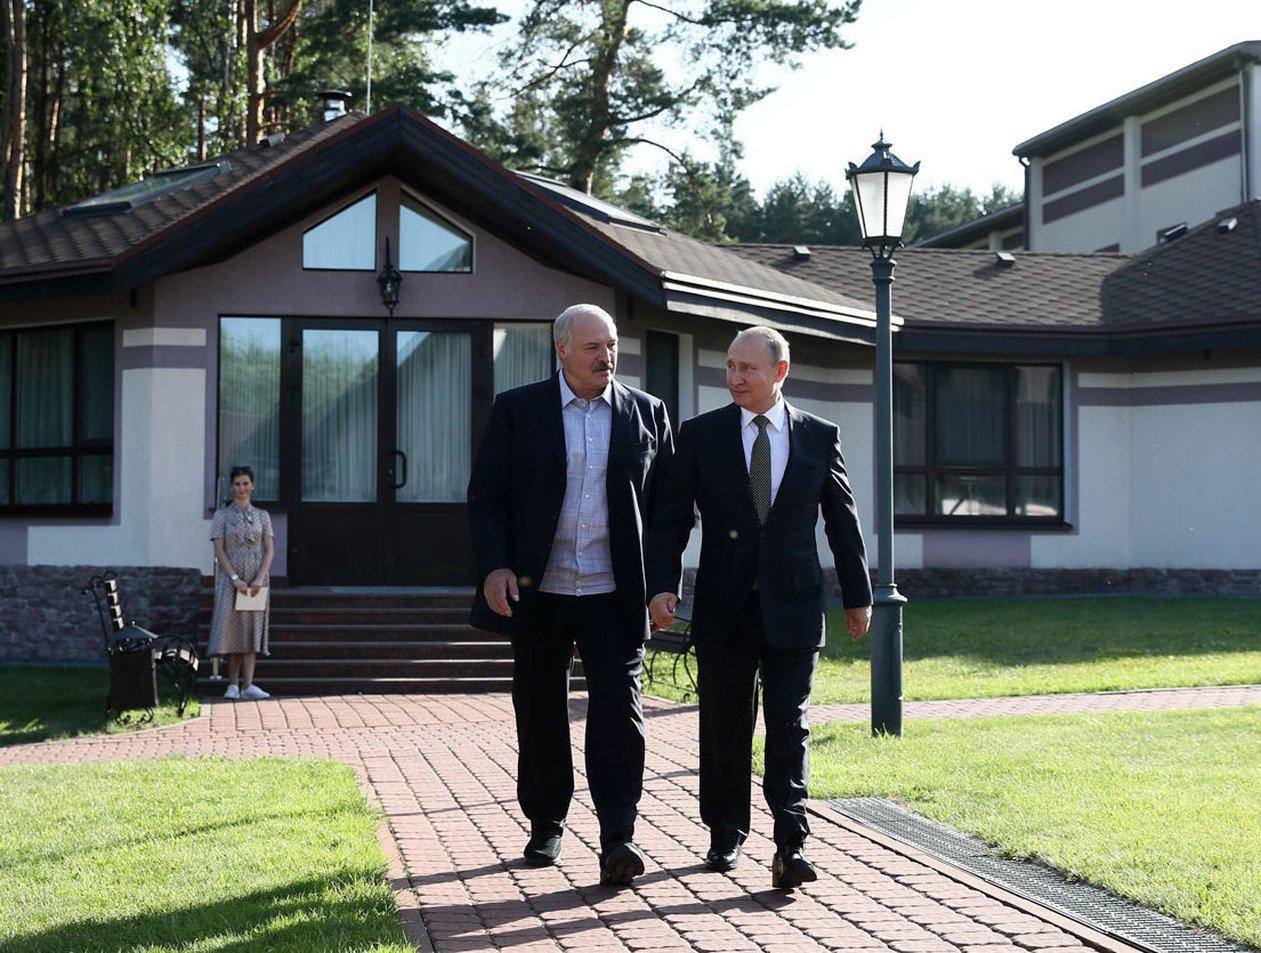 СМИ: Лукашенко для побега готовит две тайные резиденции в Китае и России